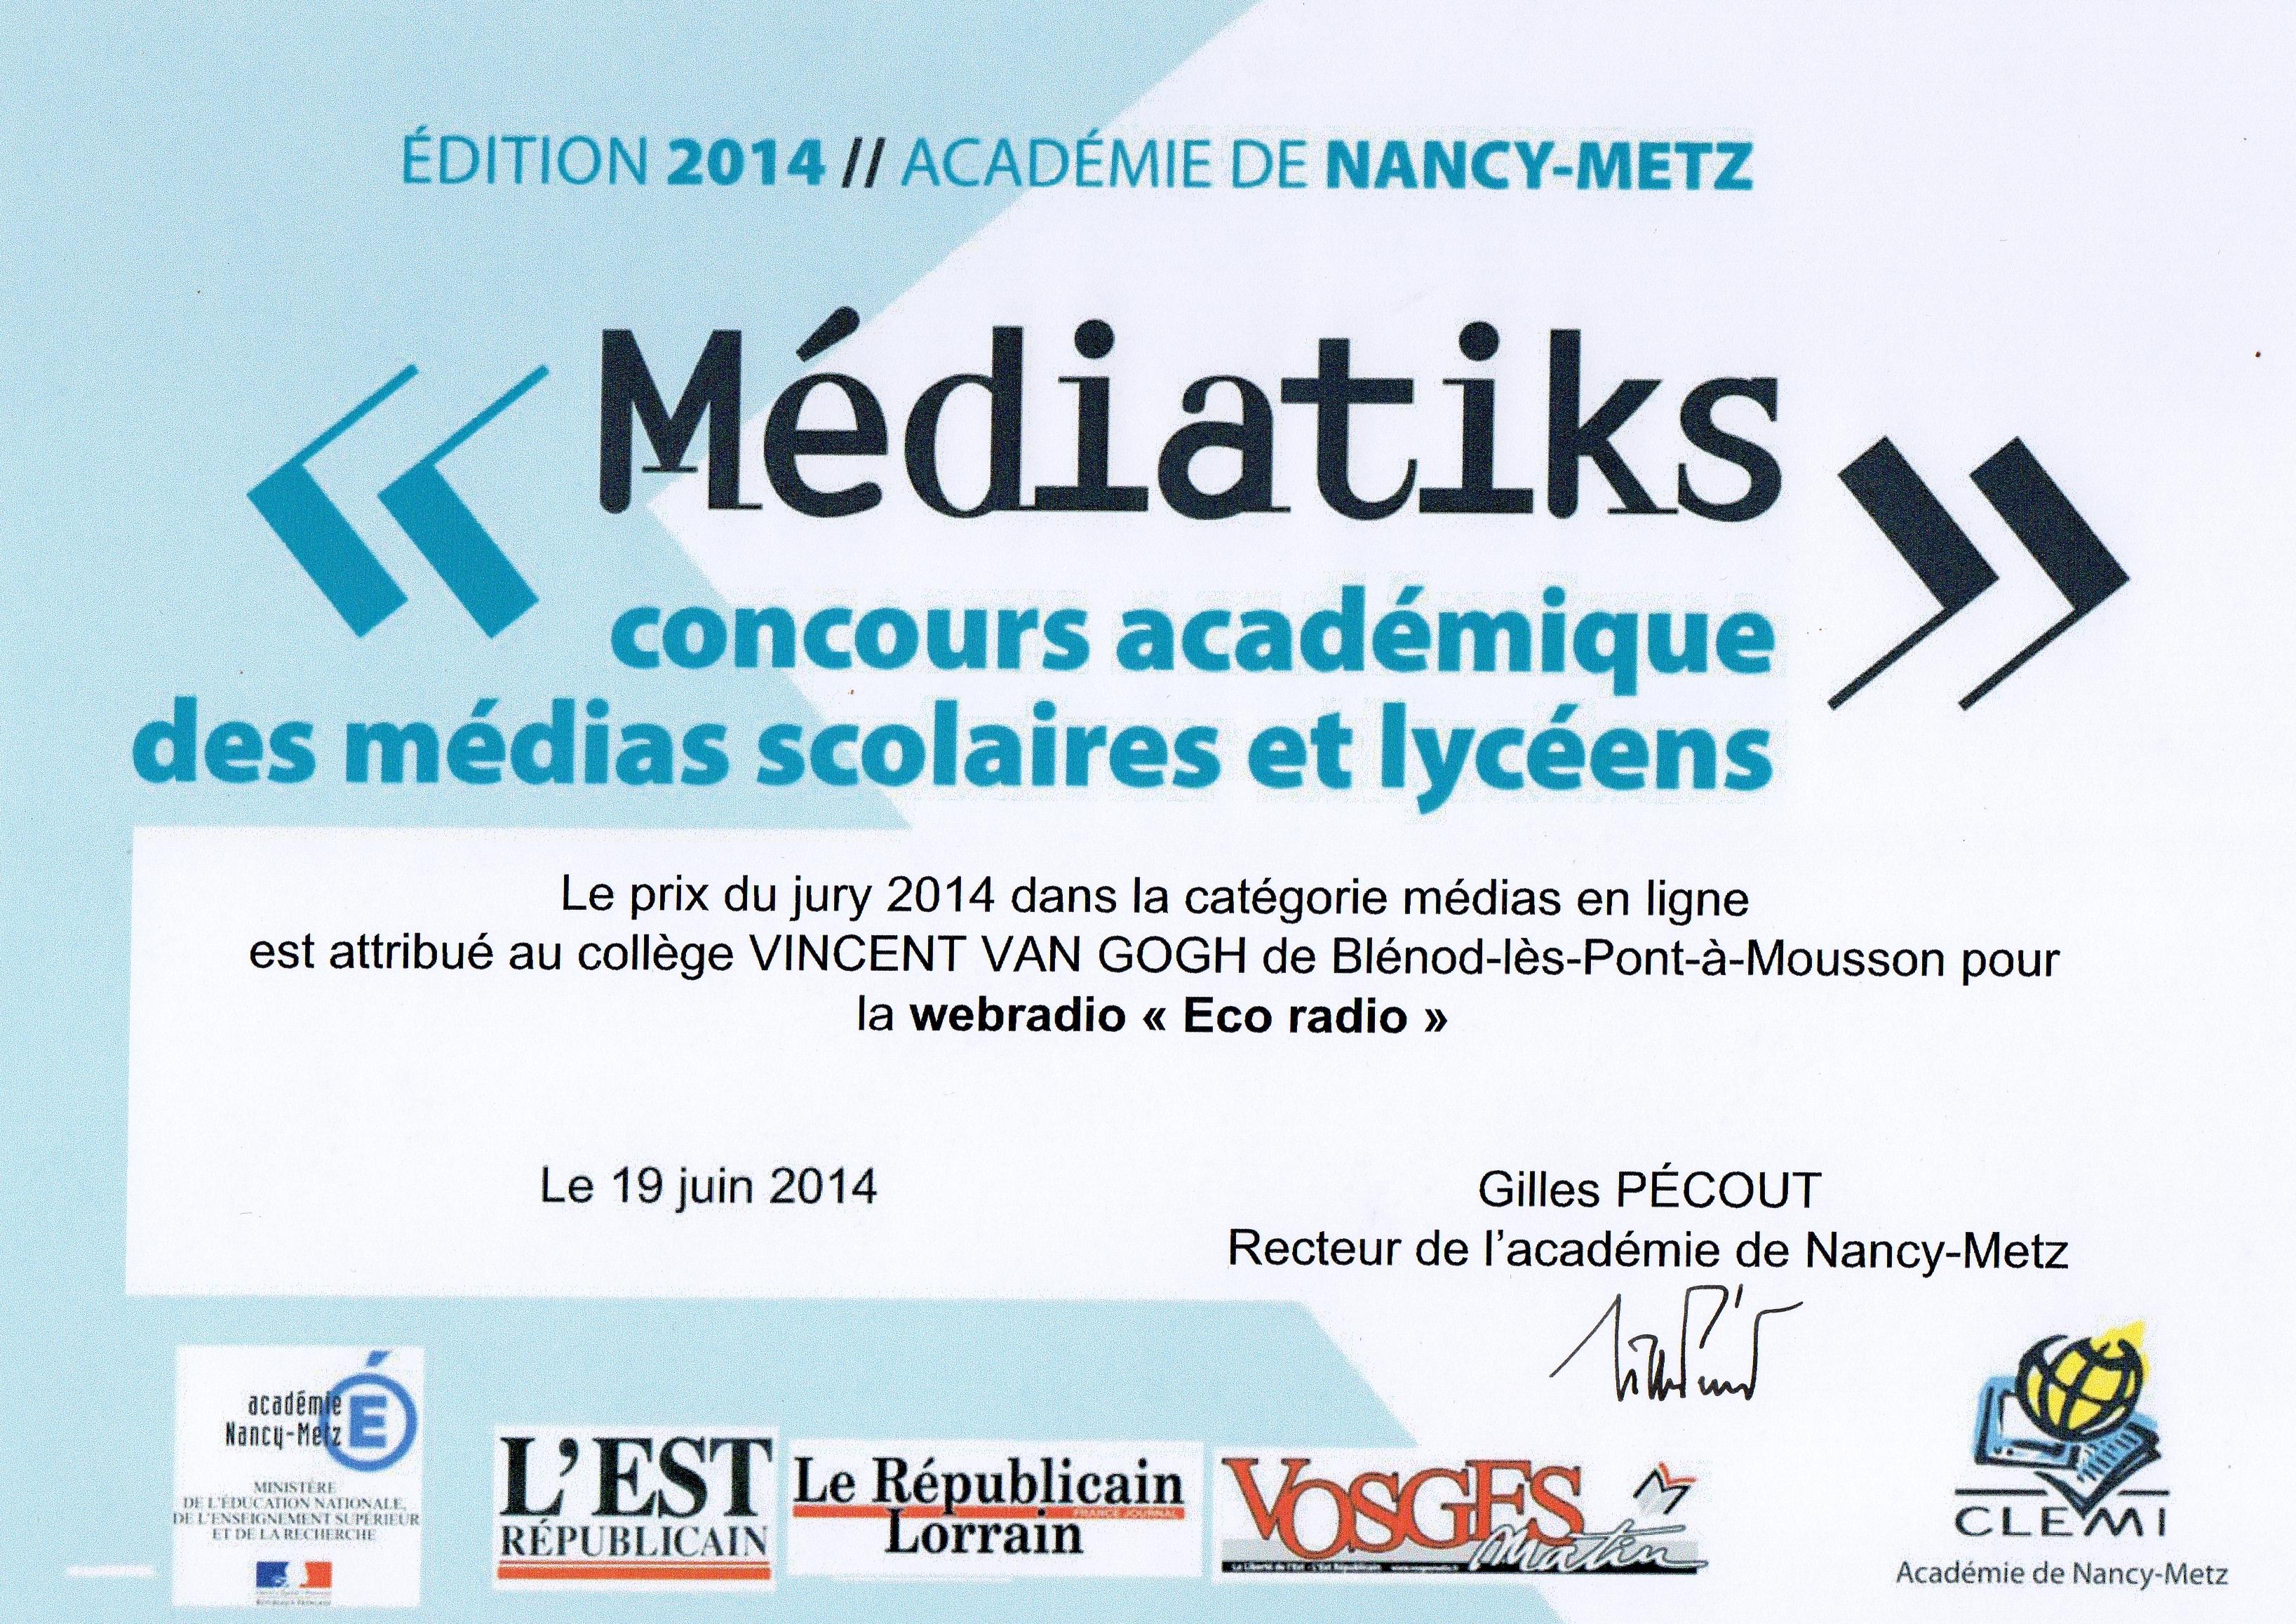 Diplôme du prix du médias en ligne du concours Médiatiks 2014 qui récompense le travail d'une centaine d'élèves